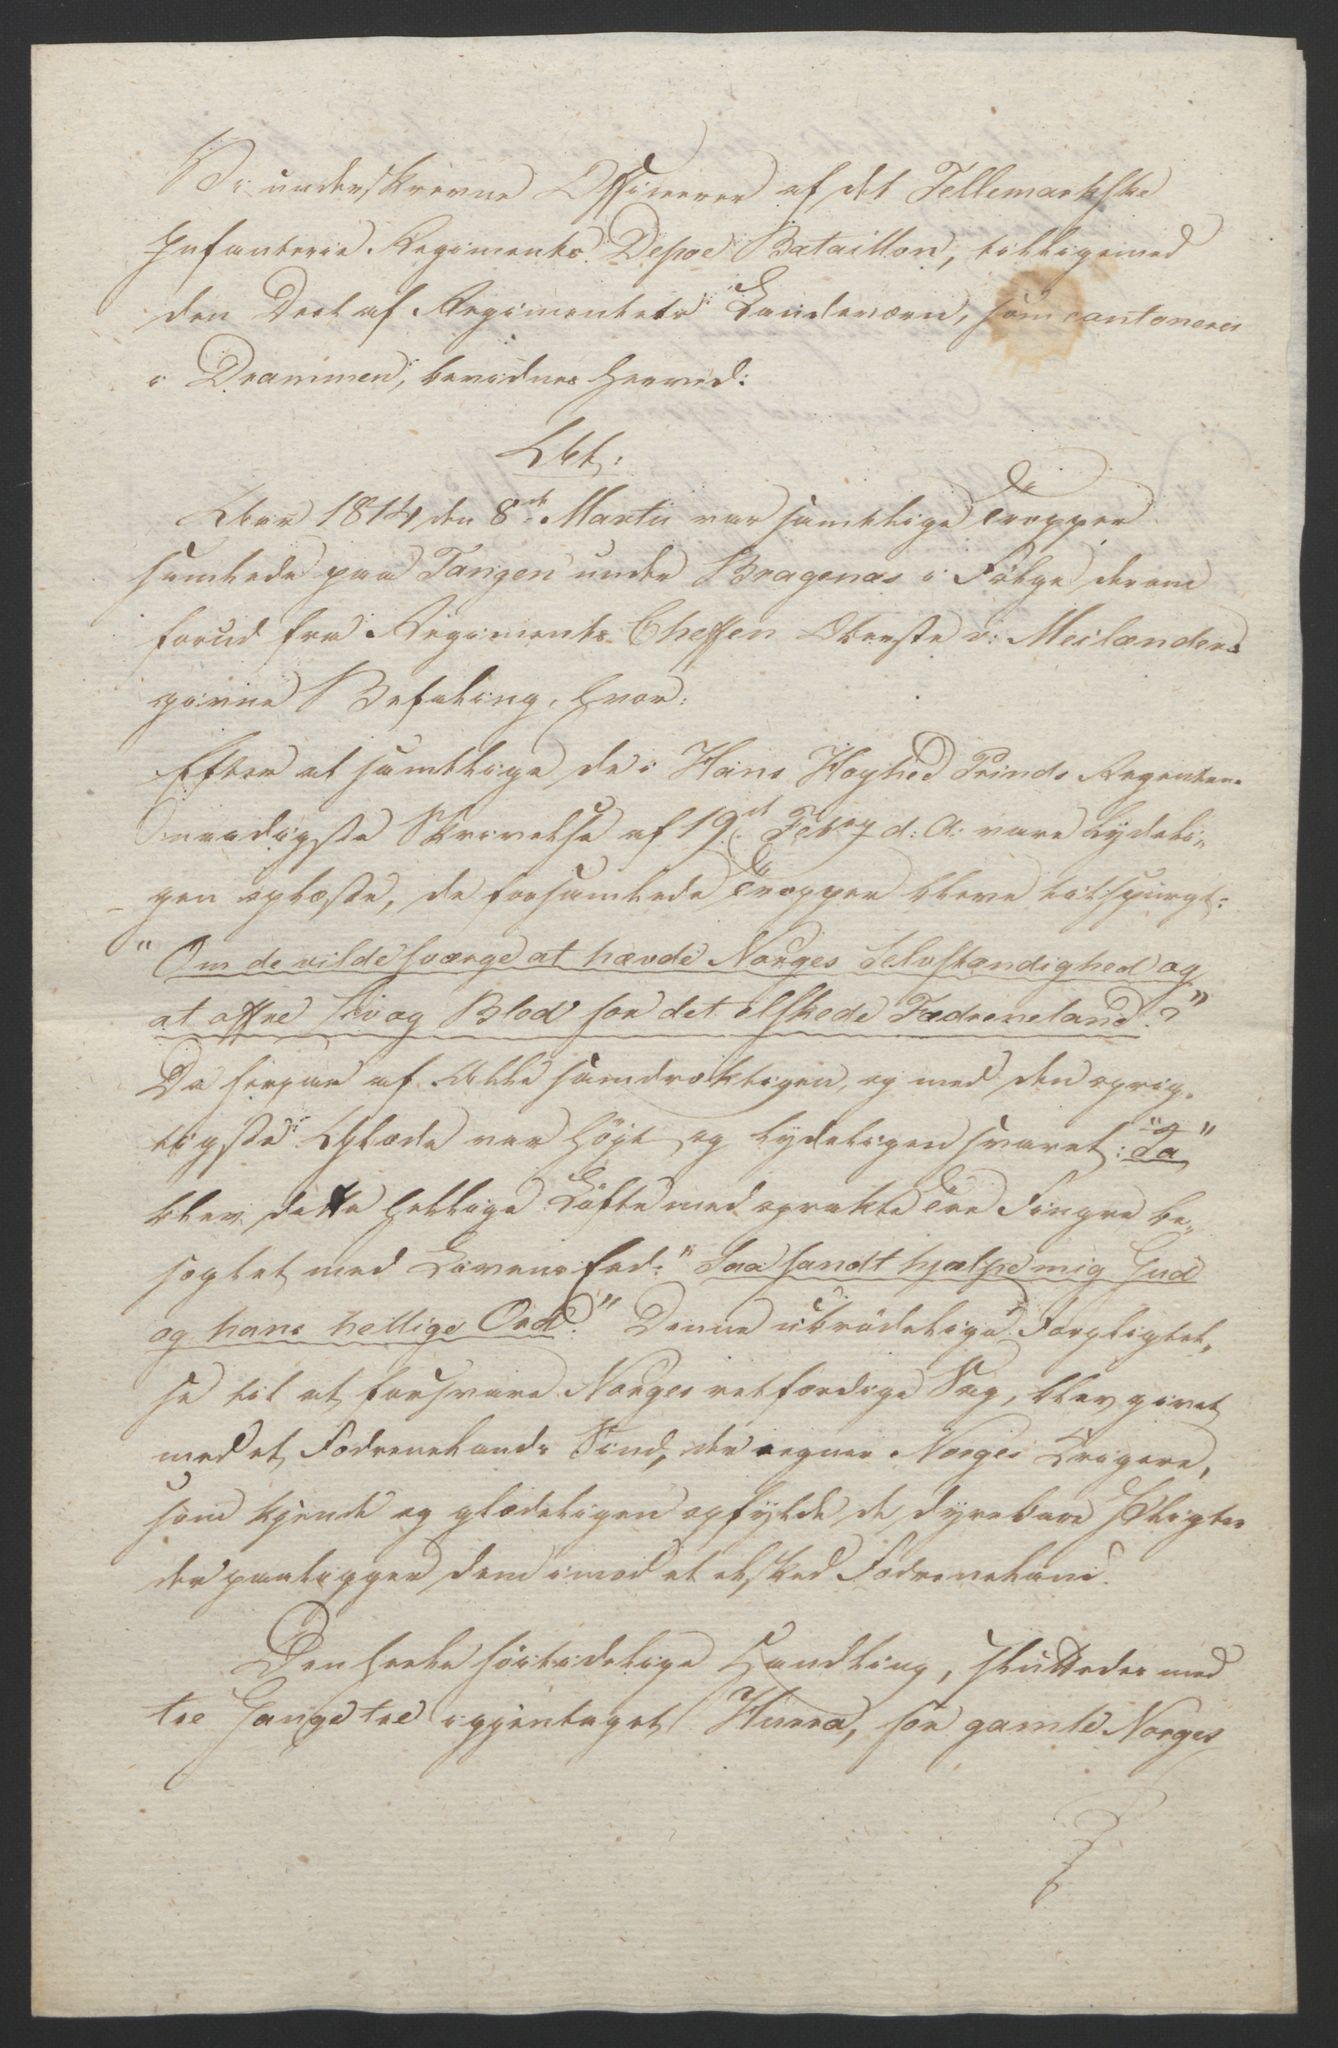 RA, Statsrådssekretariatet, D/Db/L0007: Fullmakter for Eidsvollsrepresentantene i 1814. , 1814, s. 103